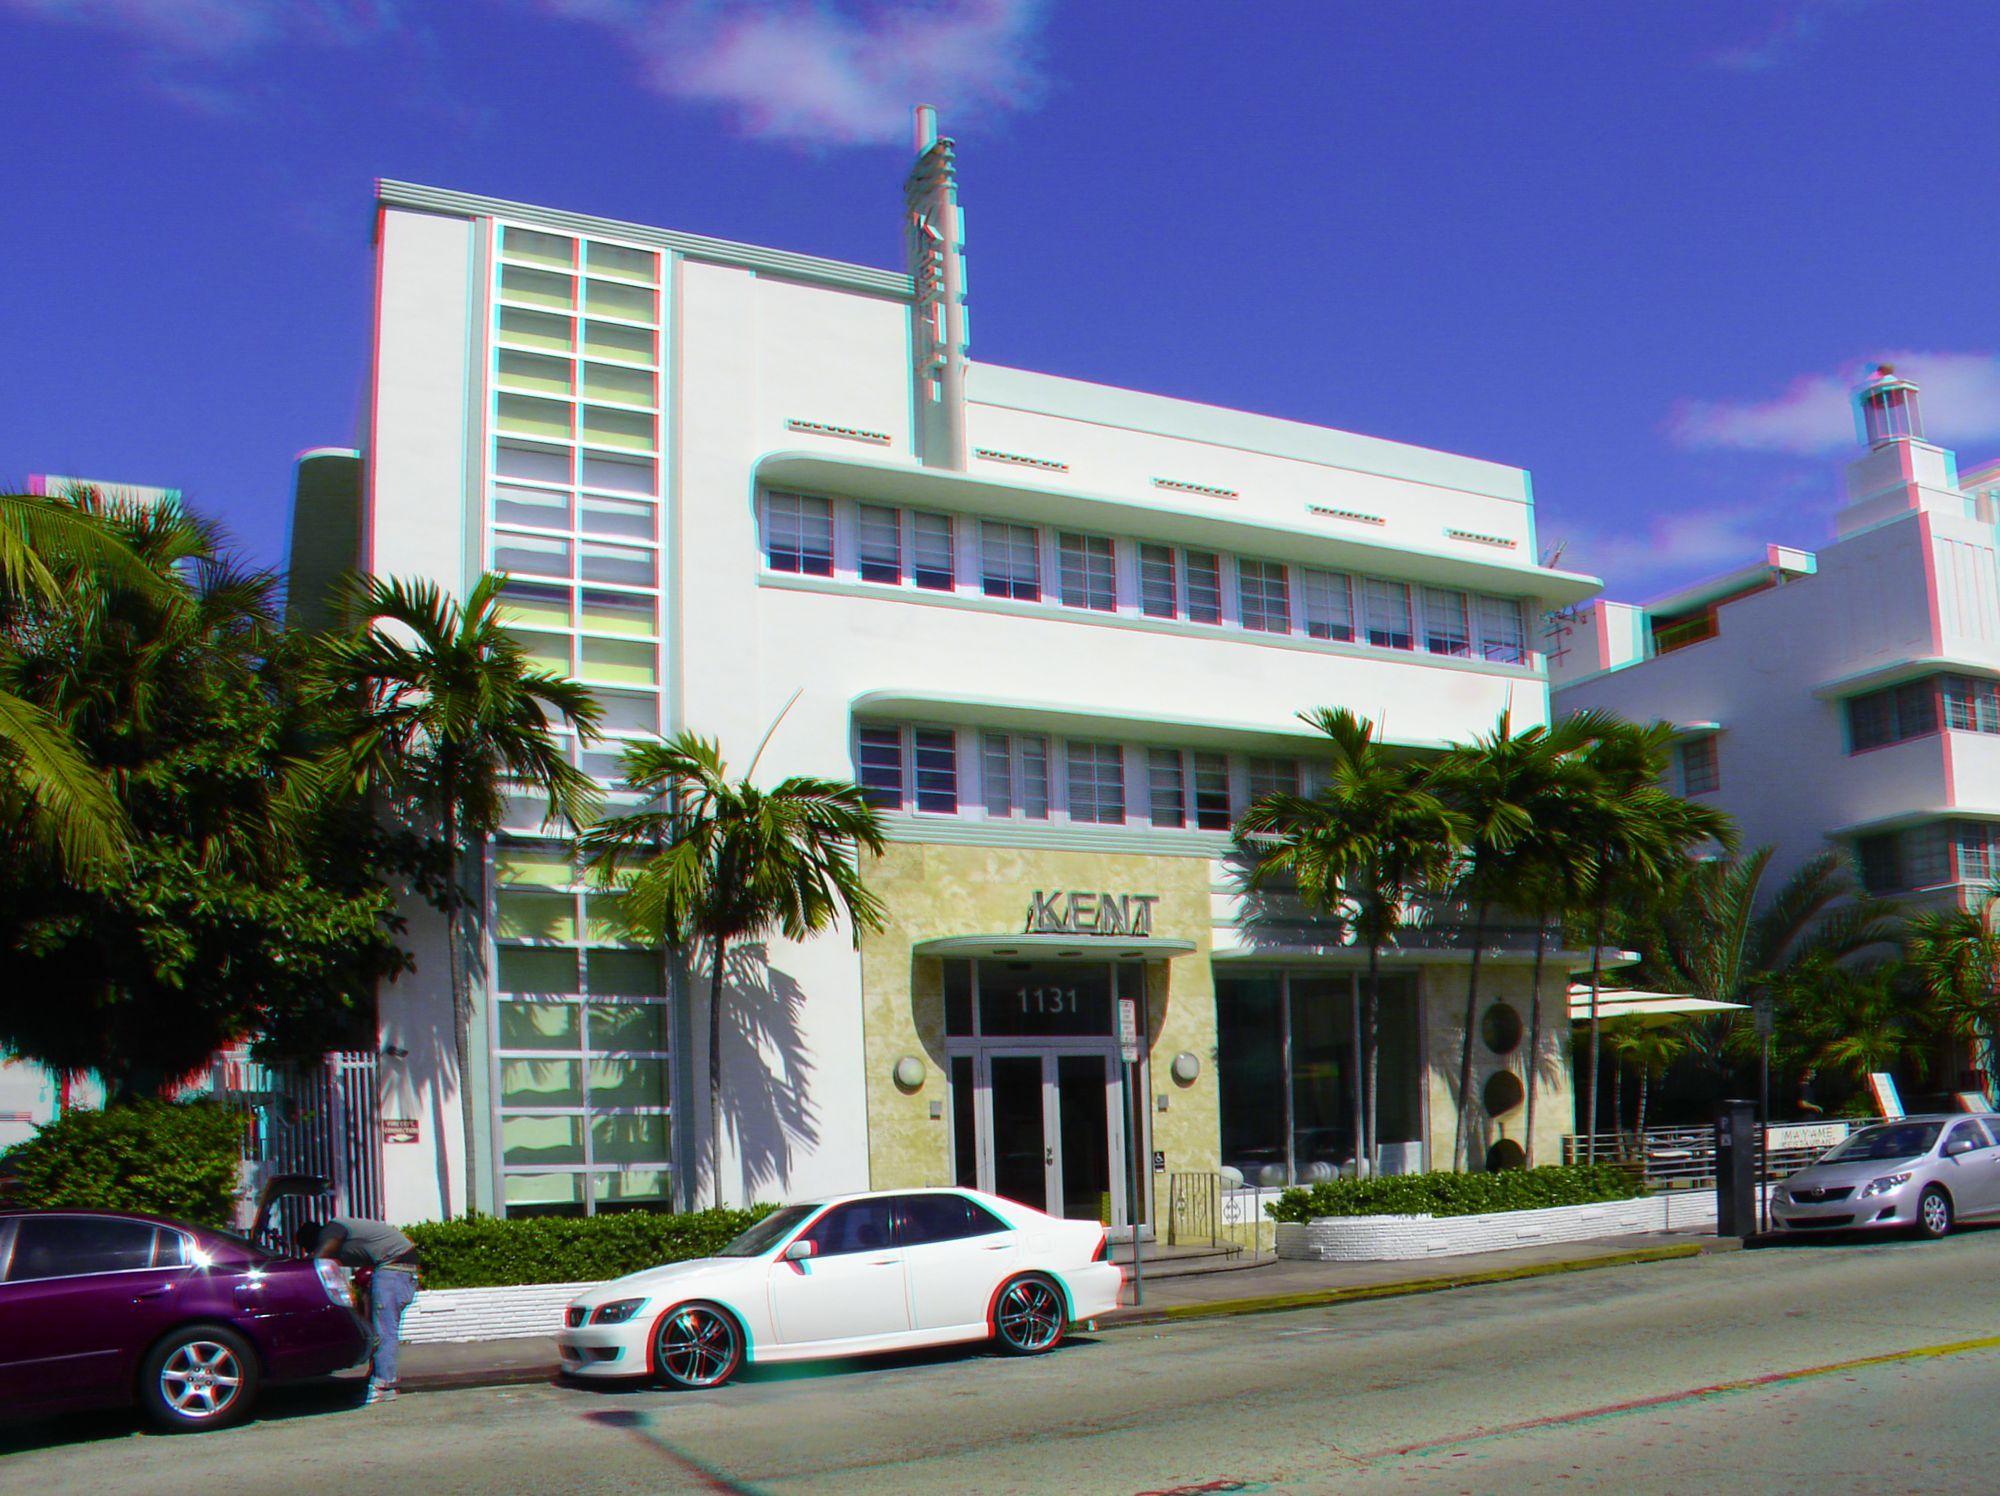 1131 Collins Avenue The Kent Hotel Built 1939 Architect L Murray Dixon Style Art Deco